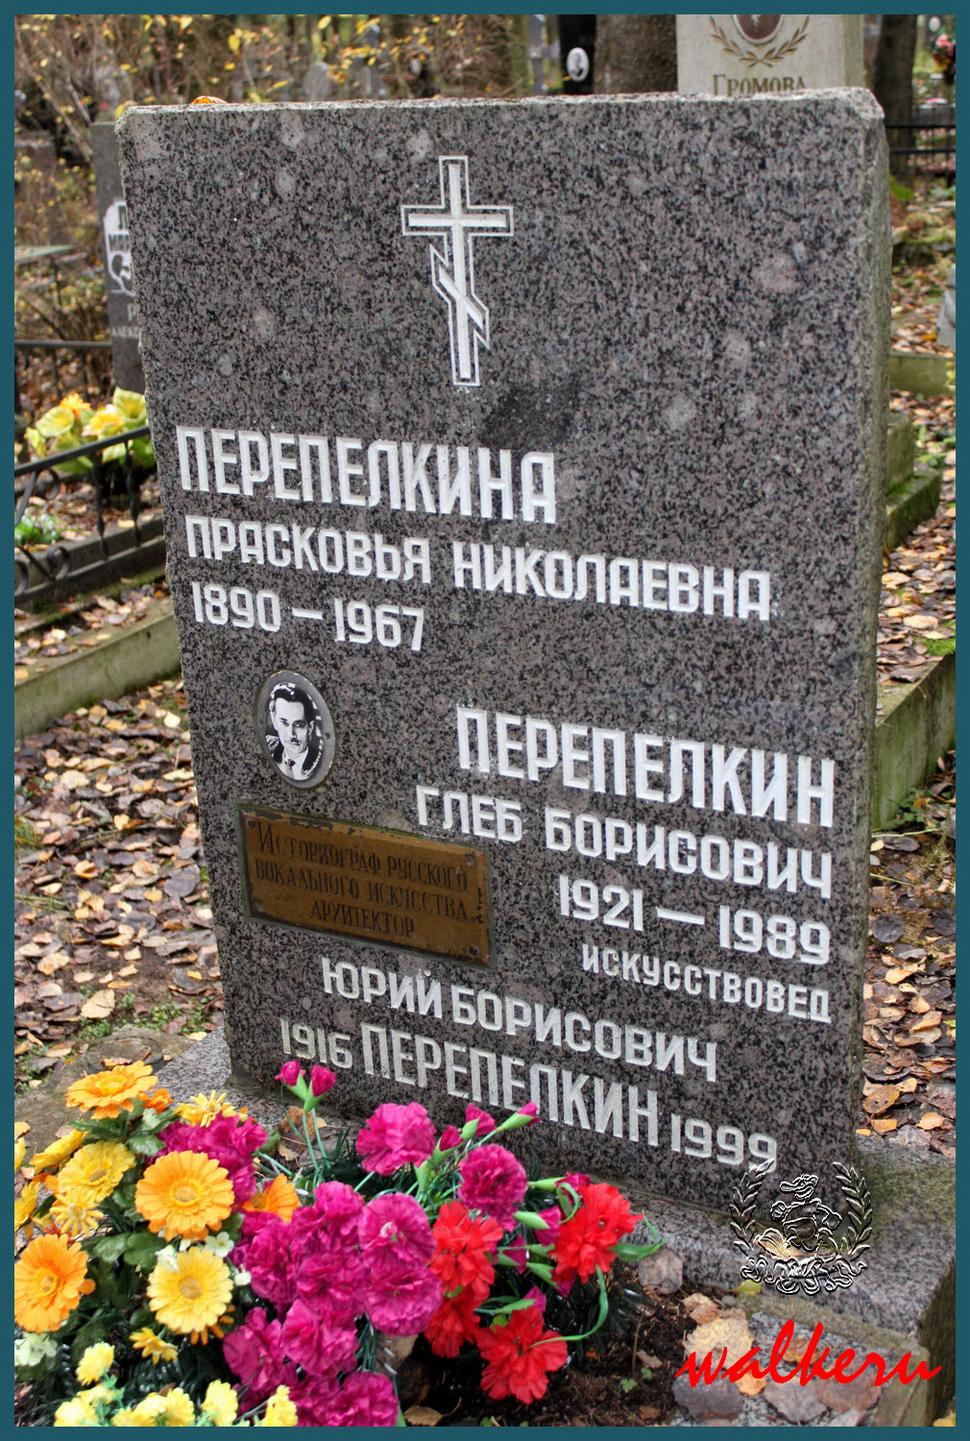 Могила Перепёлкина Ю.Б. на Северном кладбище